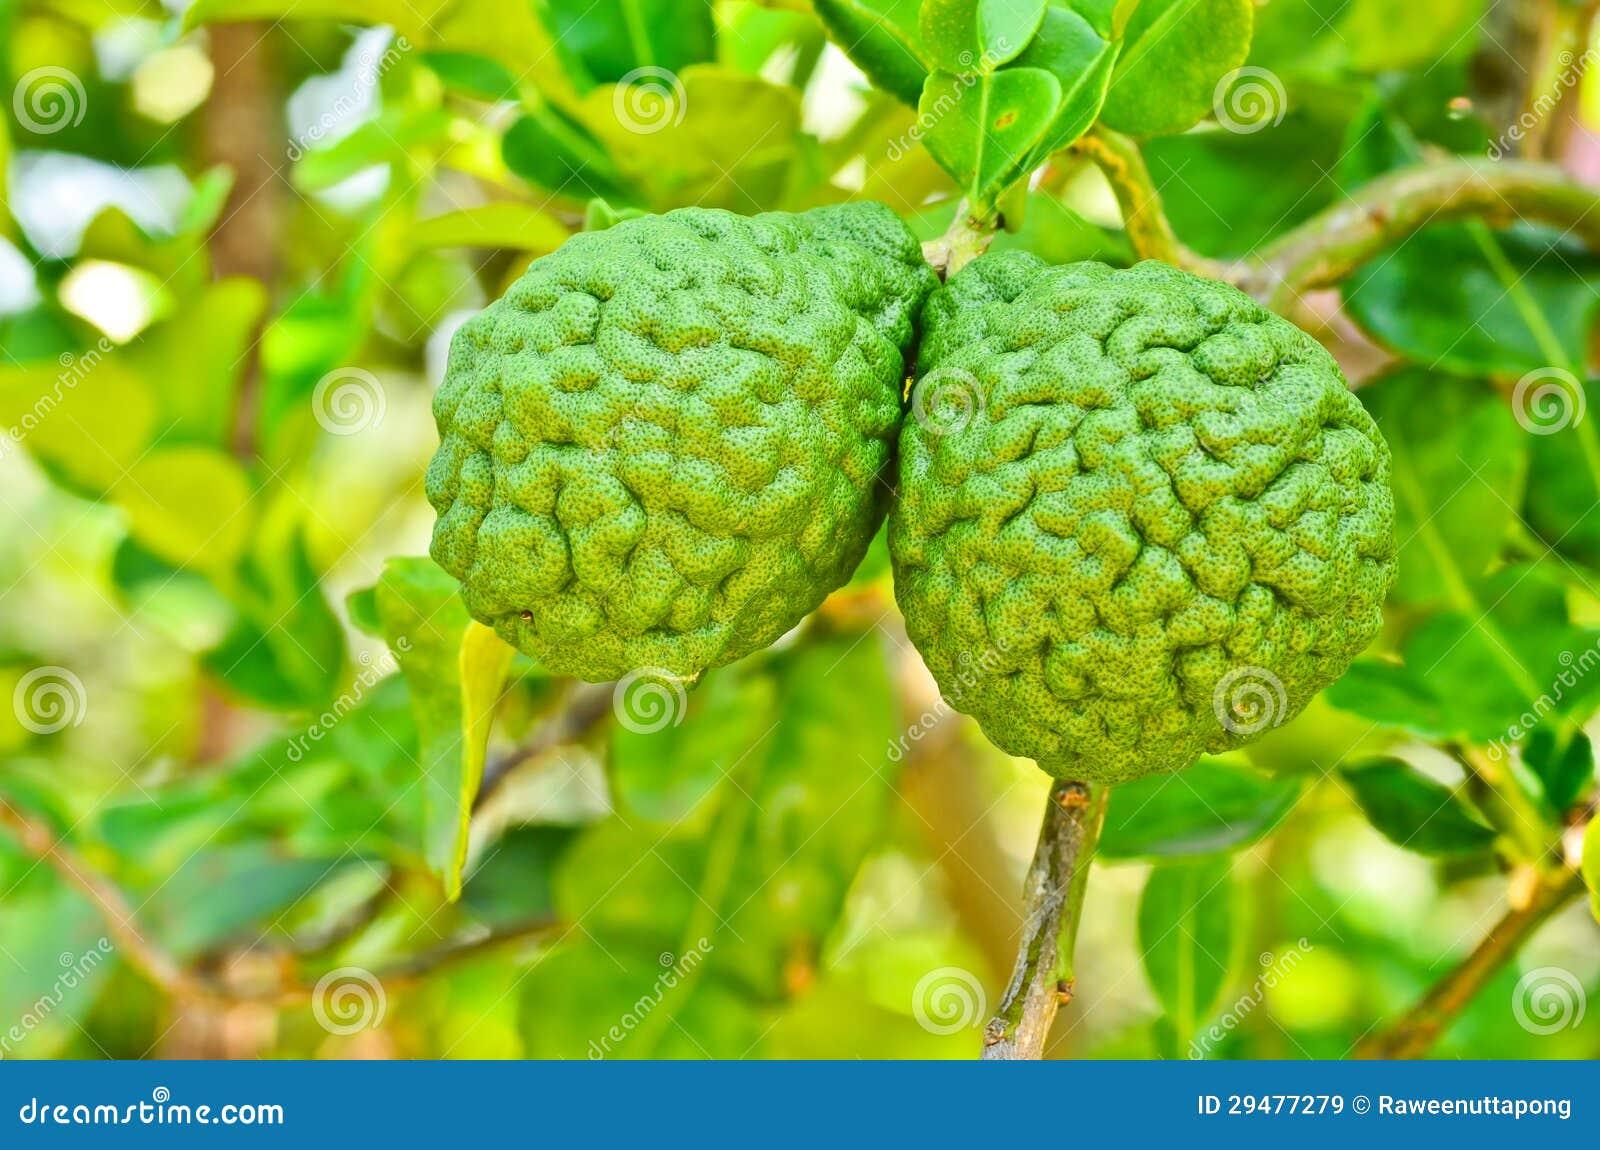 Bergamot On Tree Royalty Free Stock Images - Image: 29477279